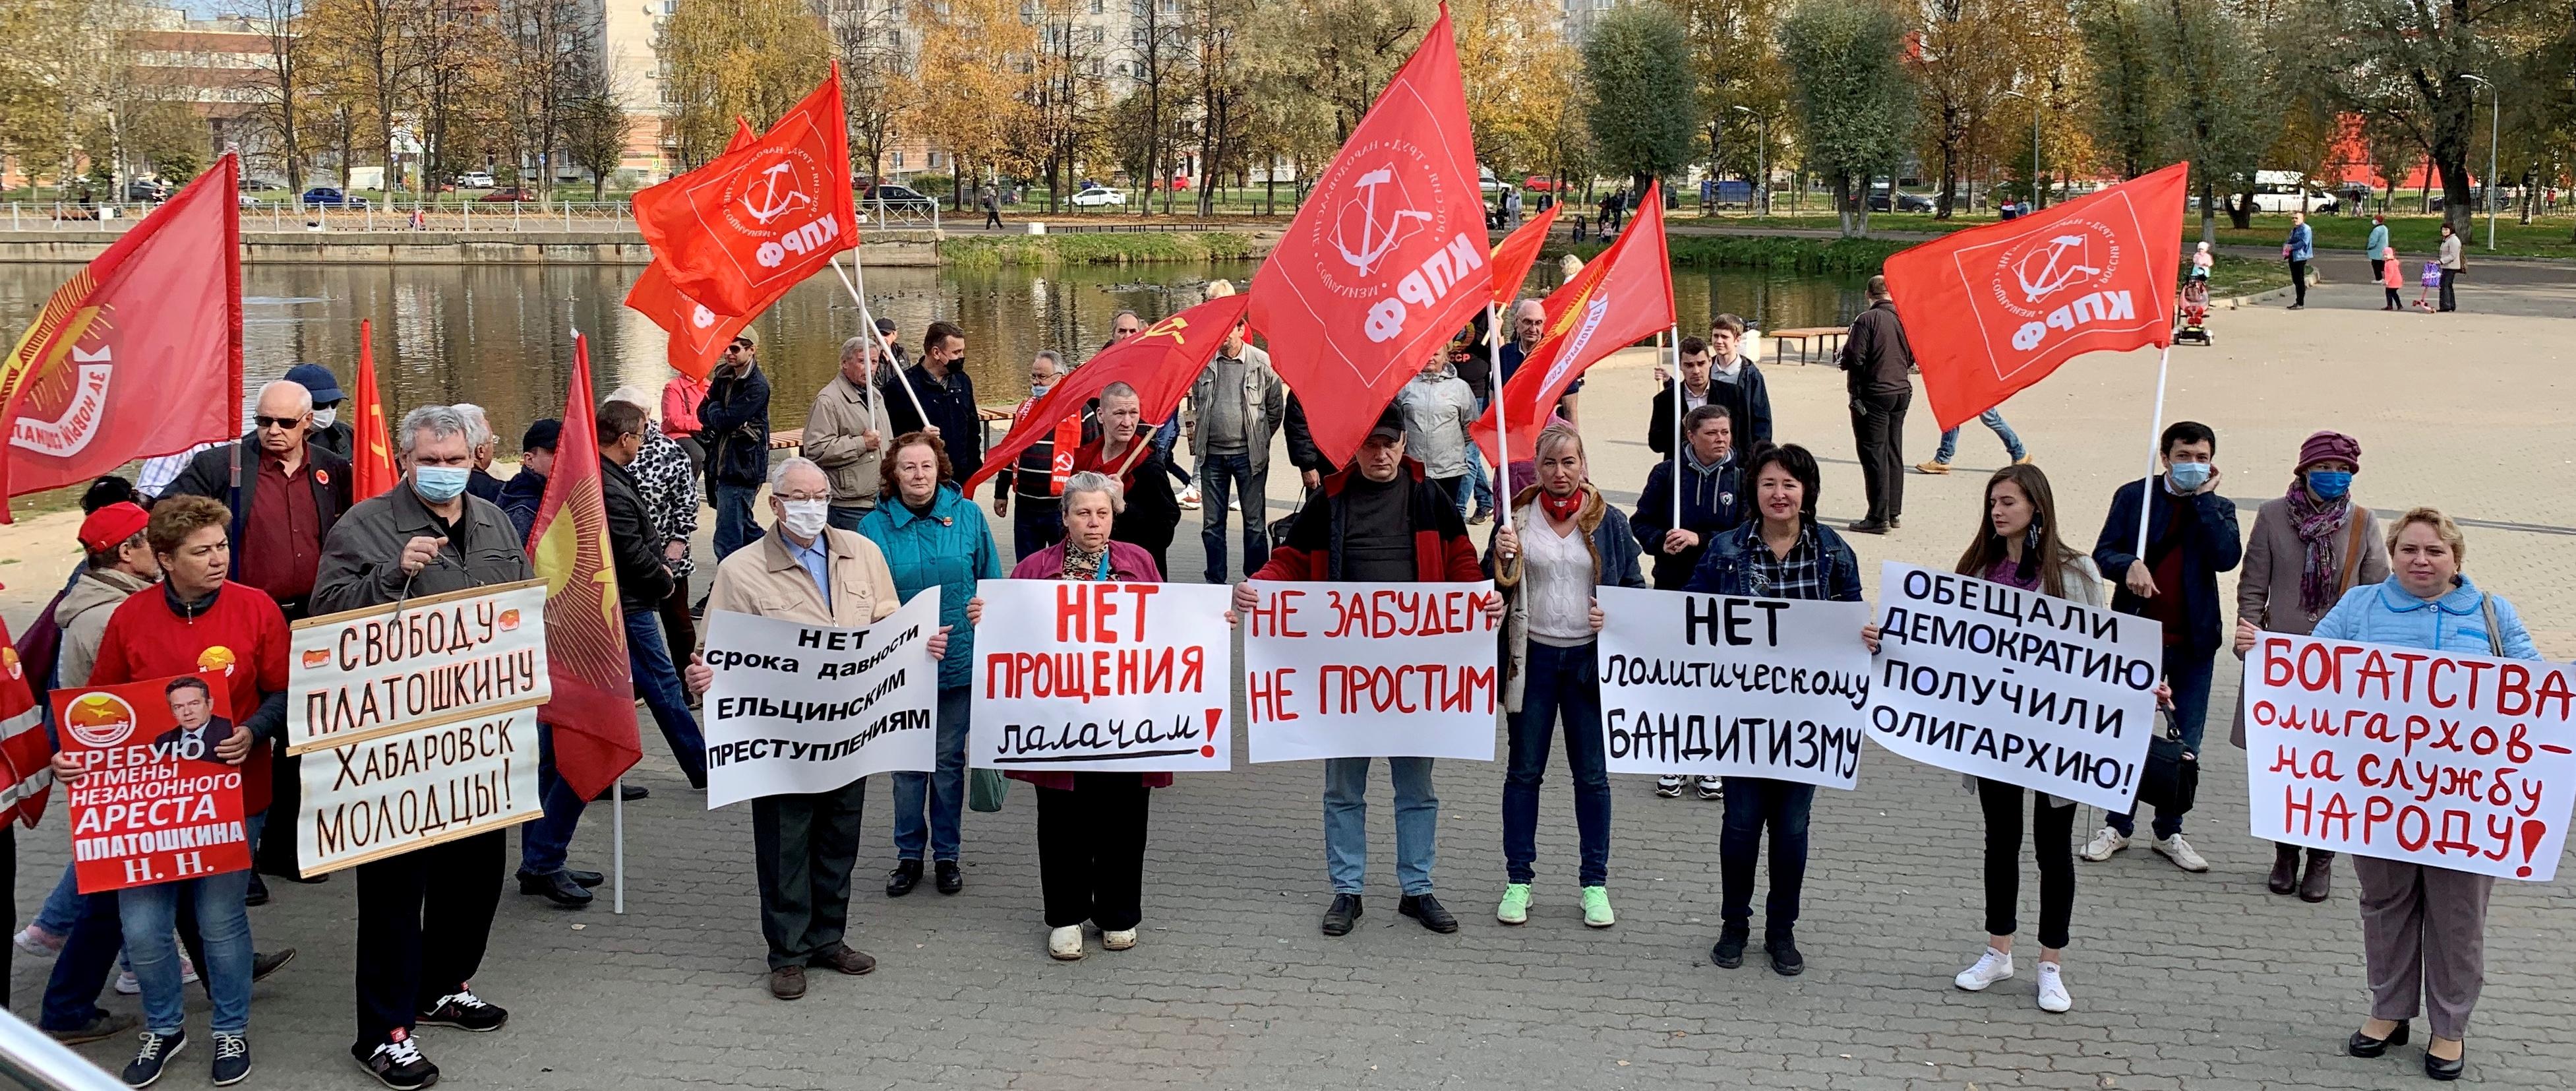 Ярославцы почтили память защитников Советской власти, расстрелянных в 1993 году ельцинской хунтой